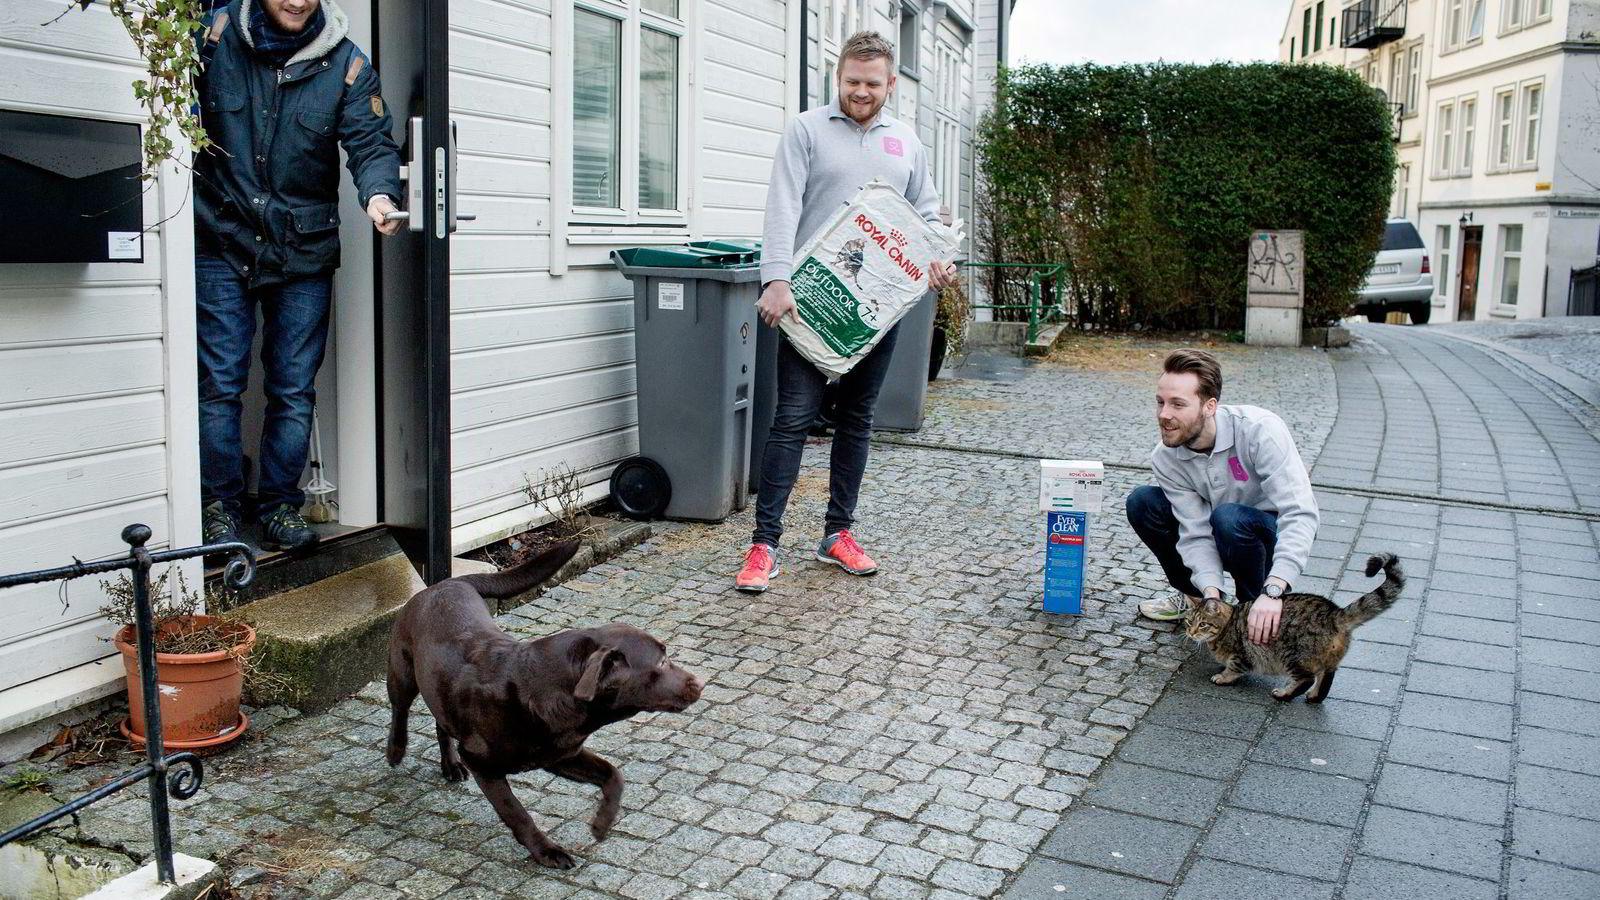 Selskapet Dyrekassen har slått seg opp på hjemmelevering av dyrefôr i flere norske byer. Her leverer Erik Høsteland Åland (i midten) og Øyvind Eriksen (til høyre) kattemat og -sand til Hallvar Helleseth i Bergen. Hunden Leia og katten Han Solo utgjør halvparten av dyrene i dette hjemmet.                Foto: